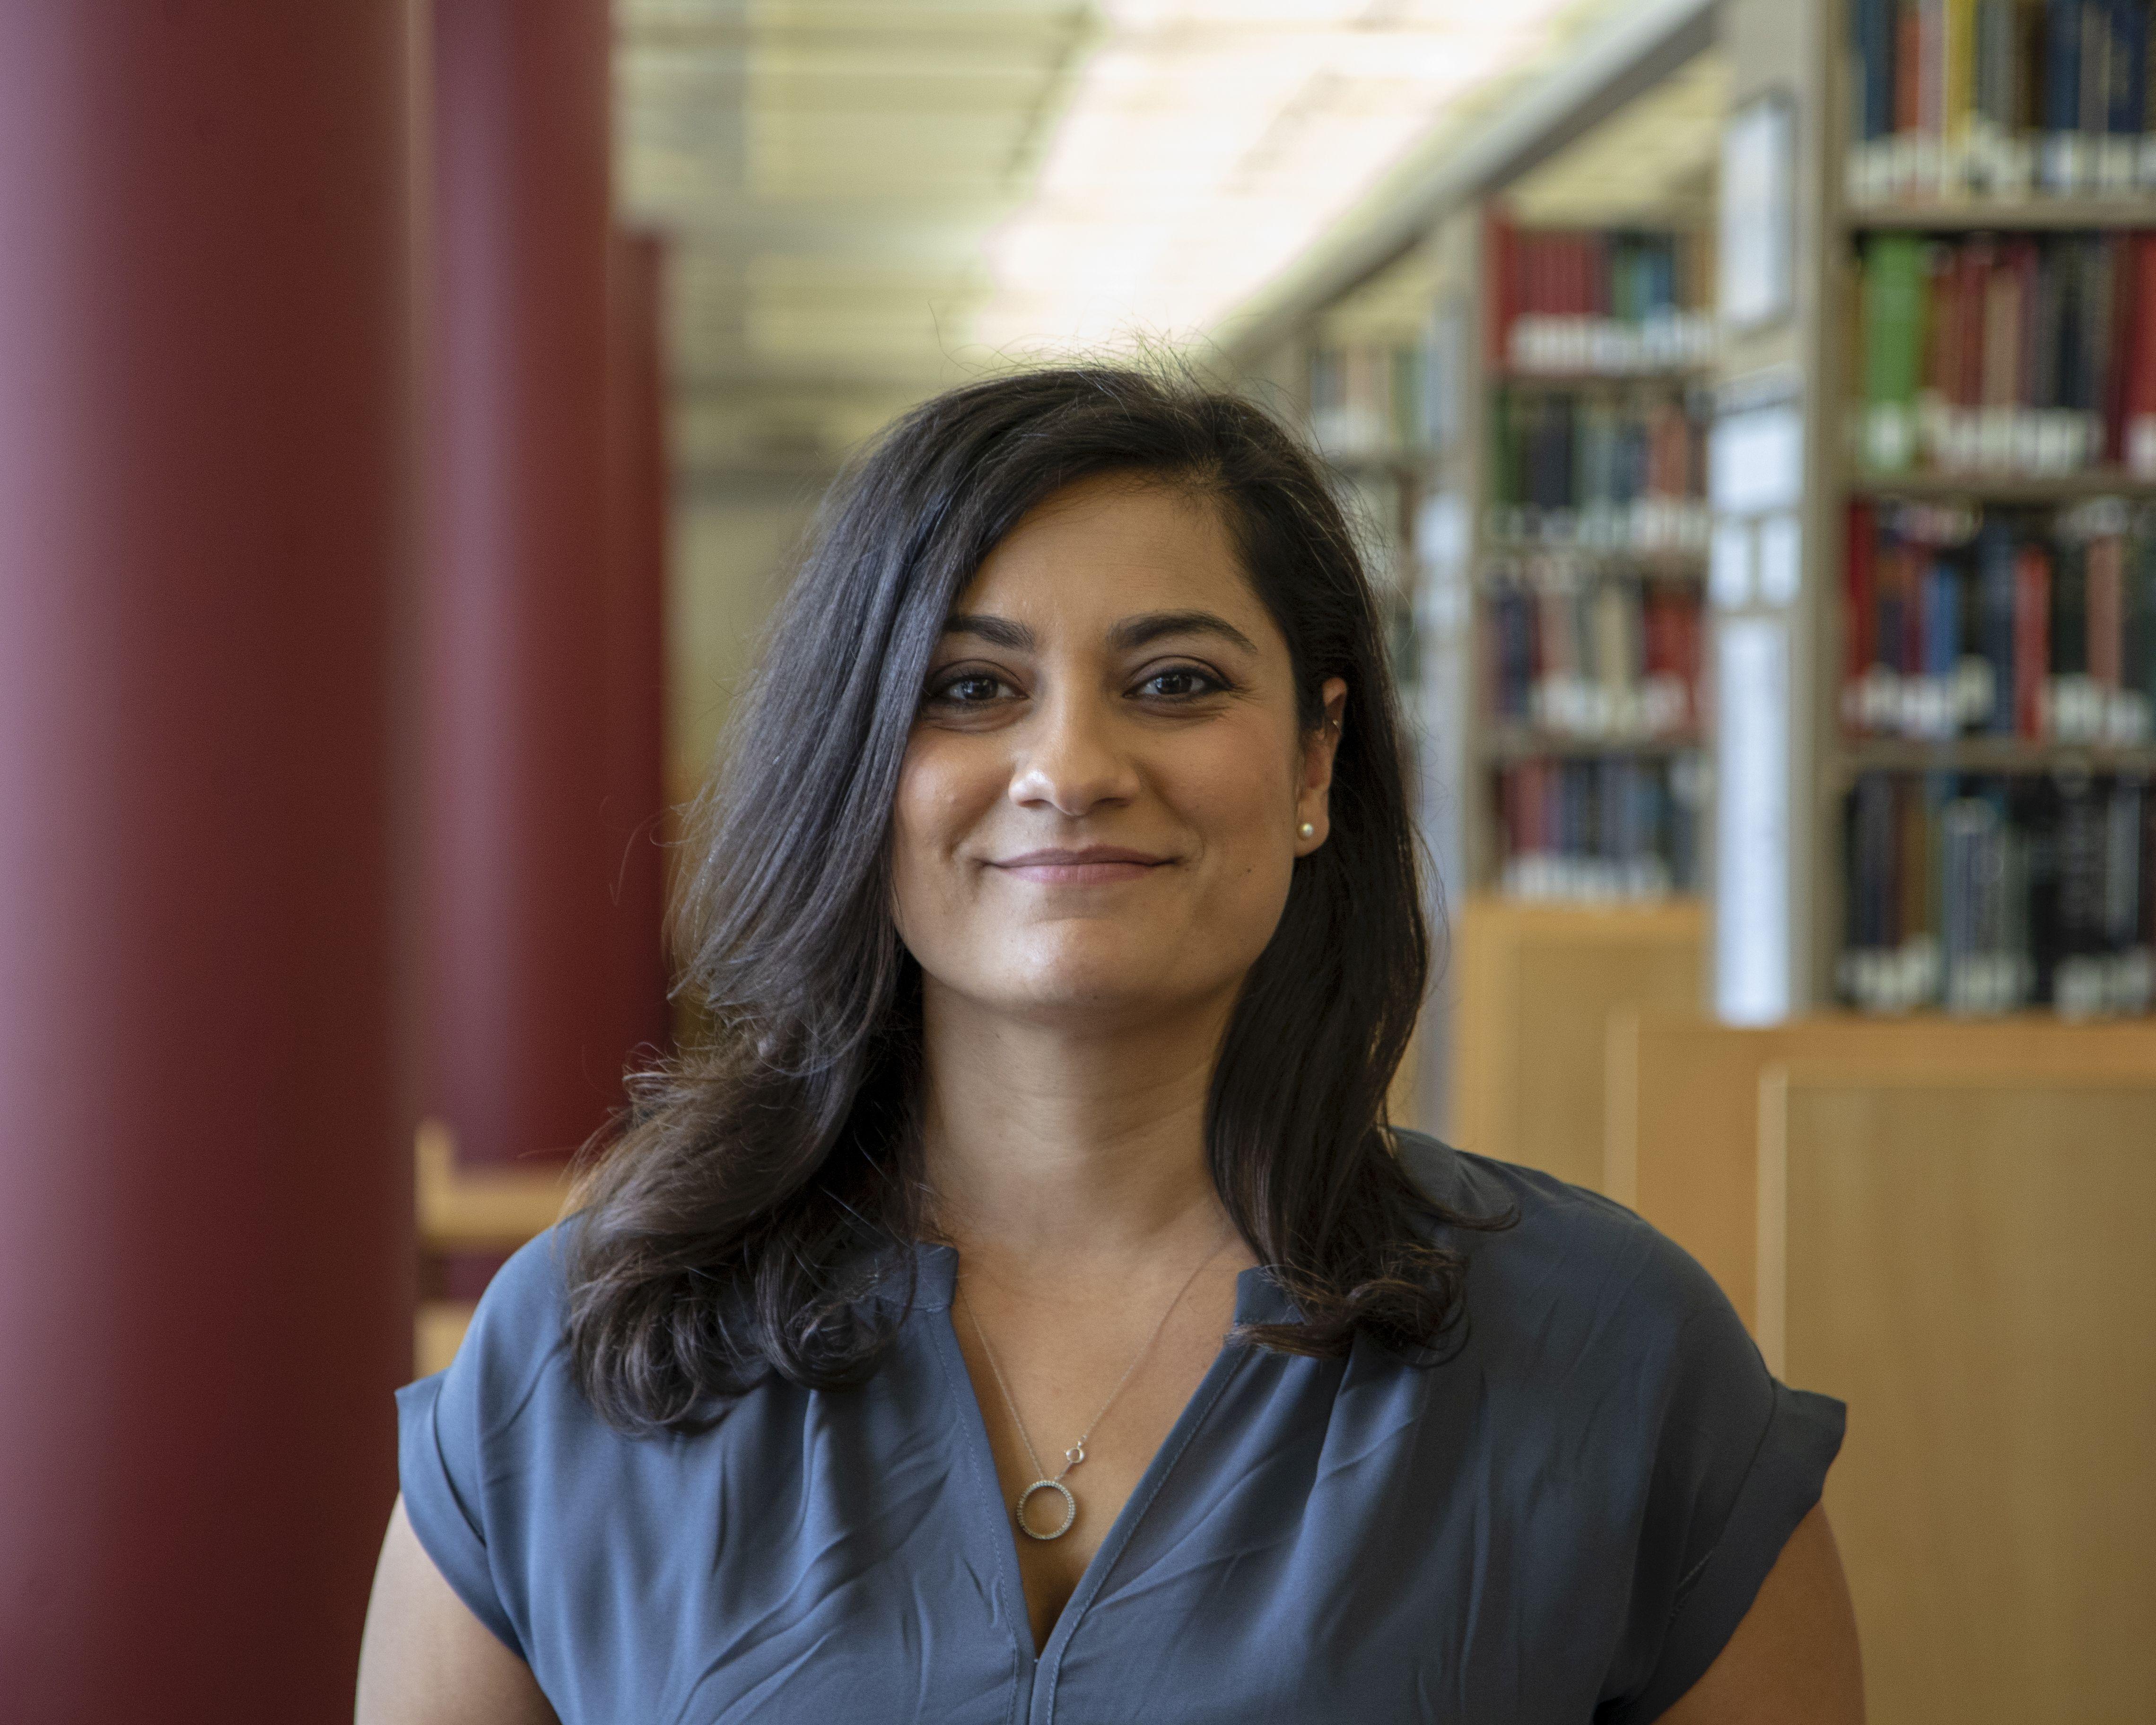 Image of UMN Music Librarian Jessica Abbazio